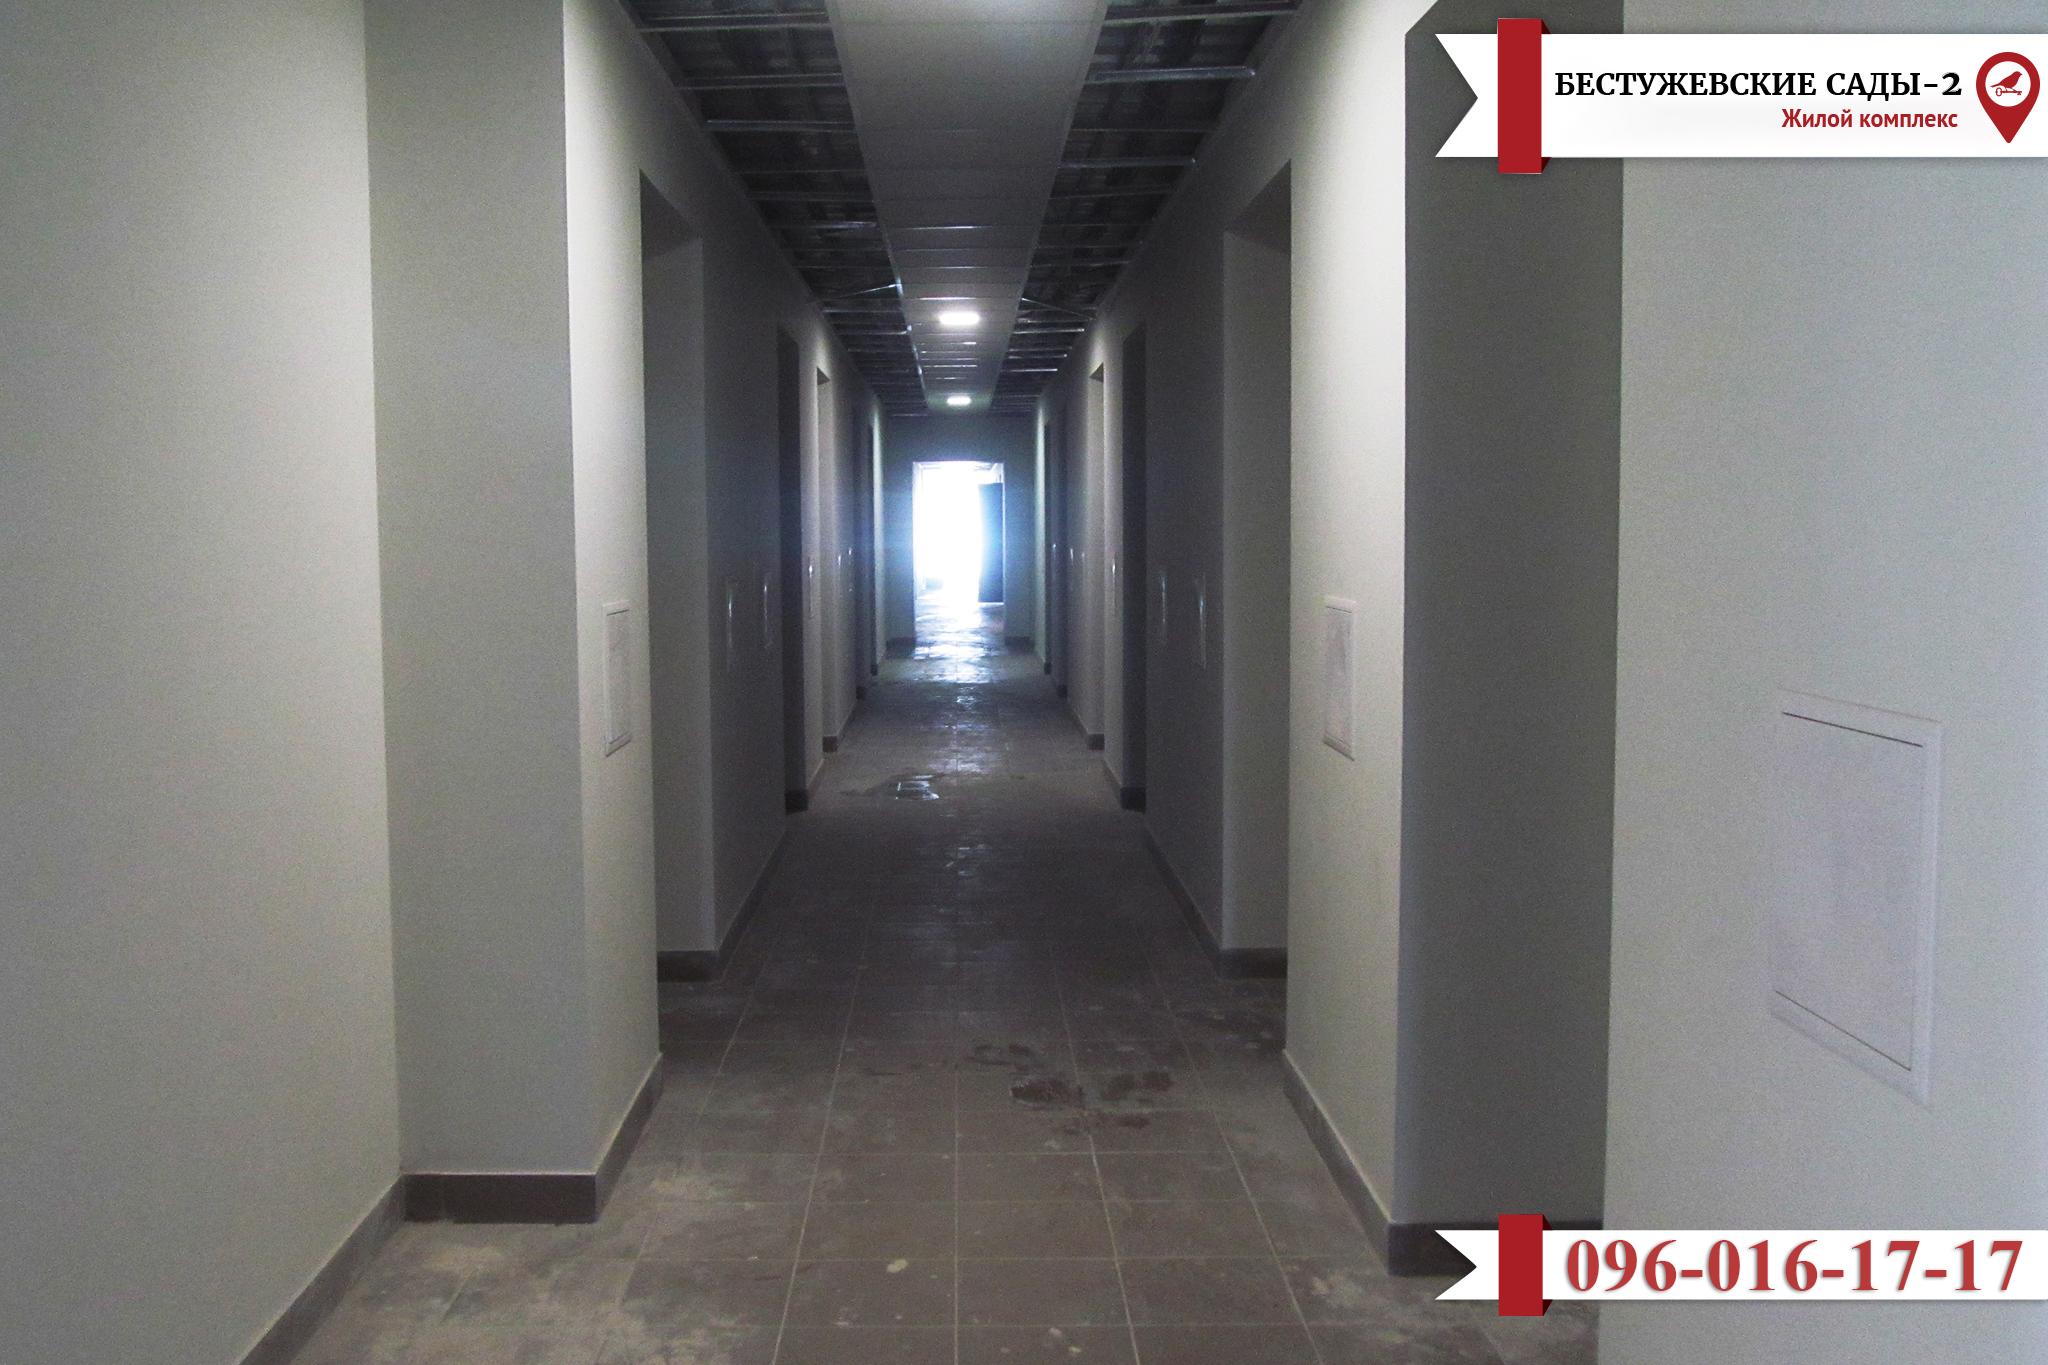 Актуальная информация о строительстве комплекса «Бестужевские сады-2»